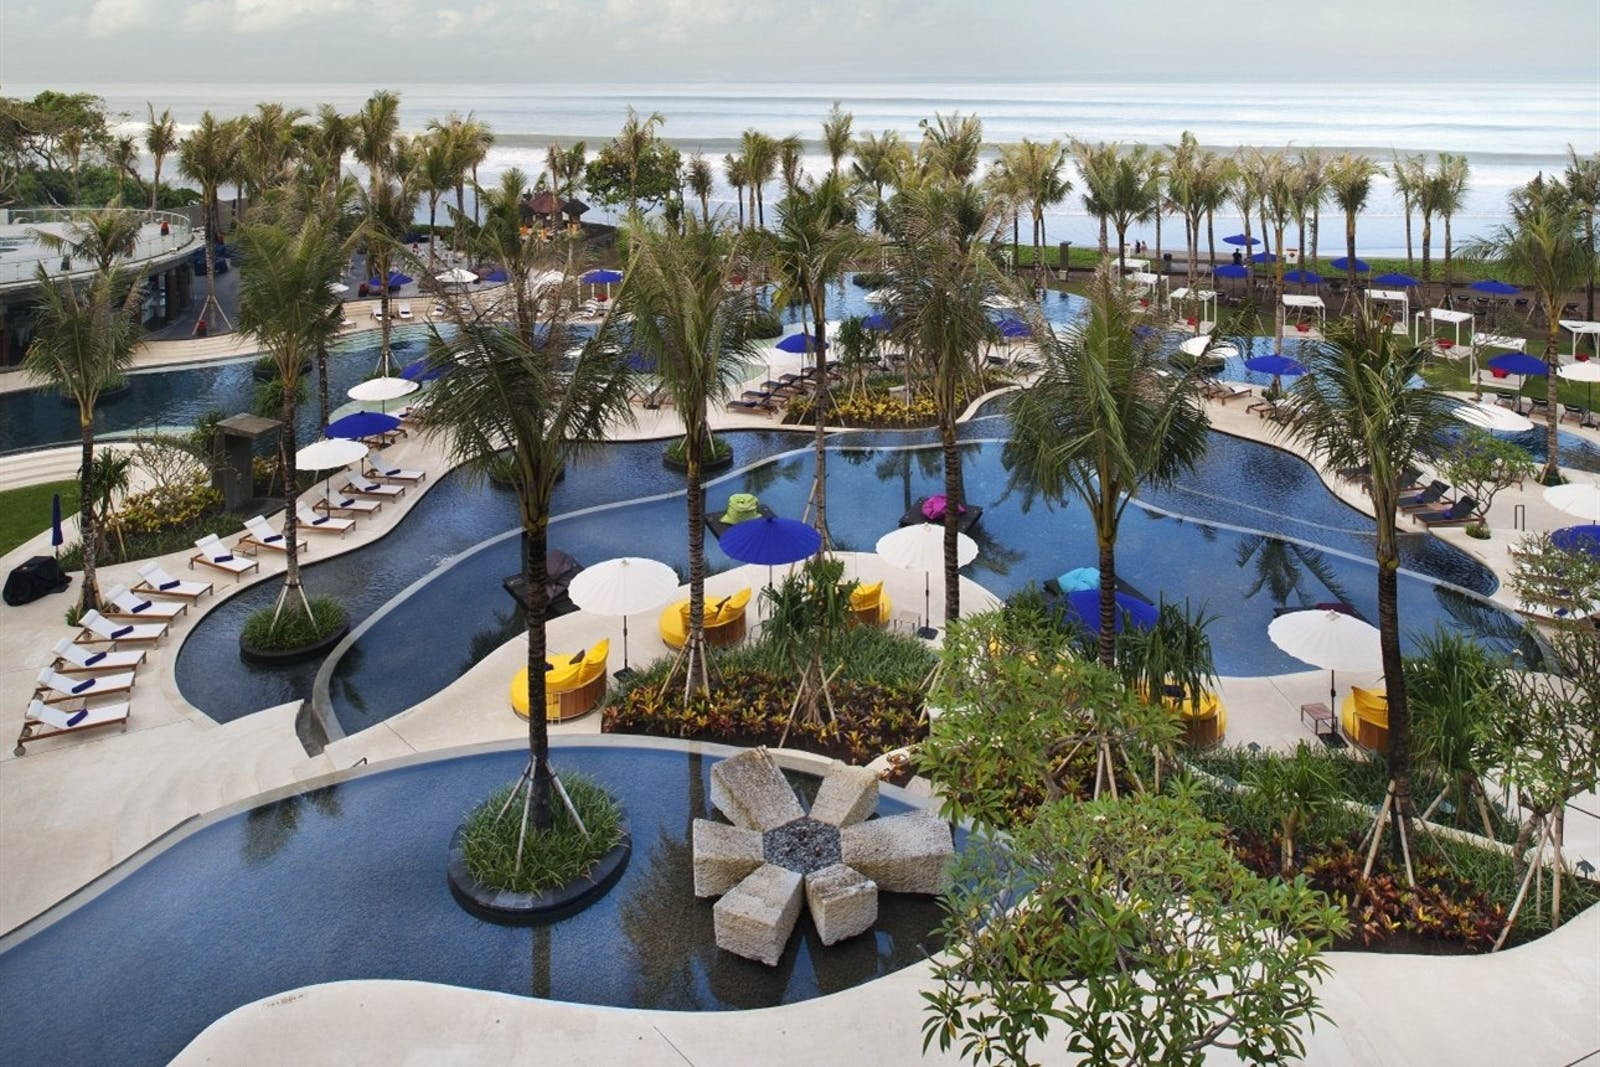 8 12 Pool View At W Bali Seminyak